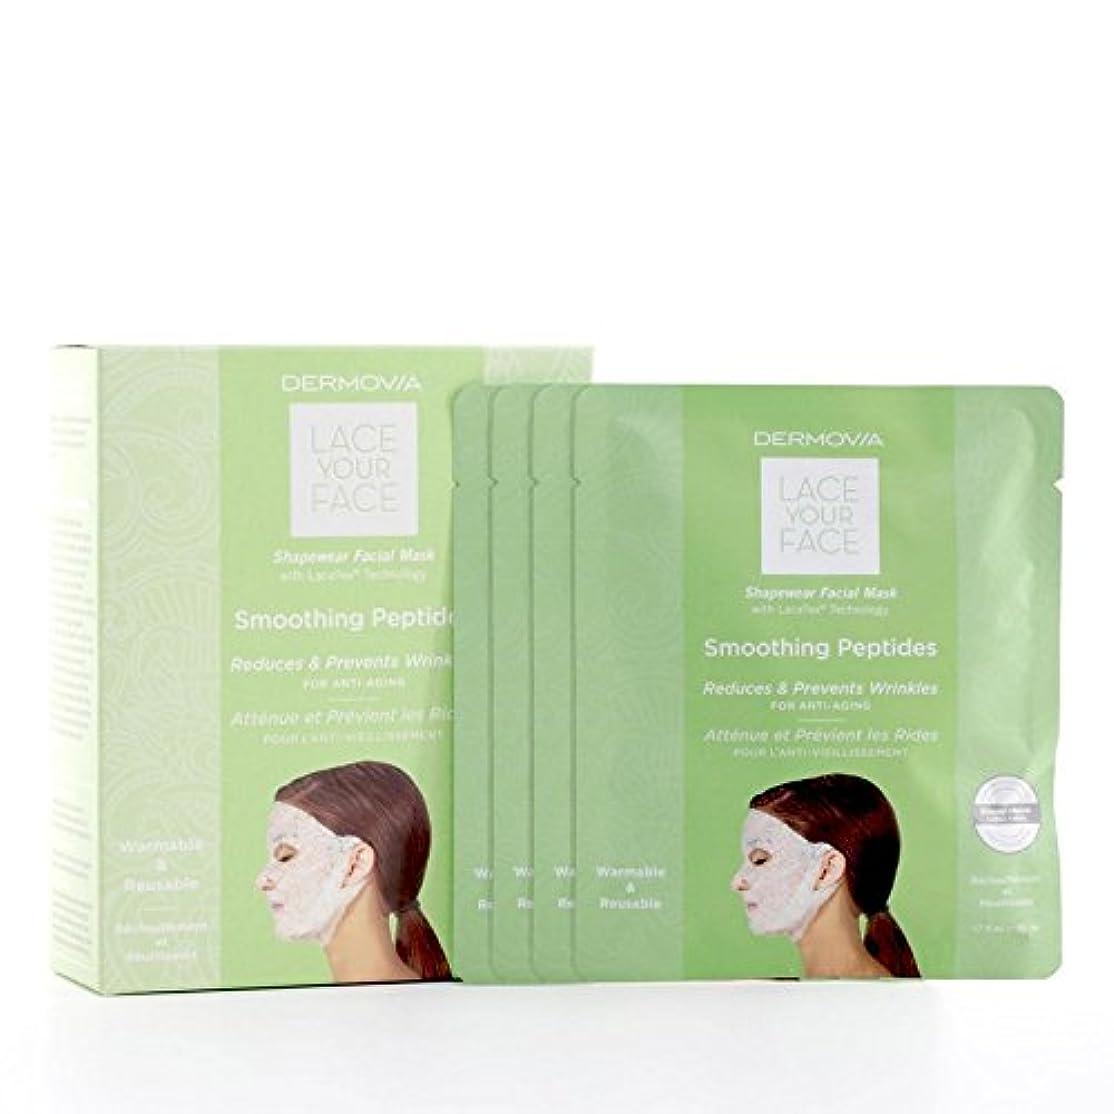 反逆こねる電子レンジは、あなたの顔の圧縮フェイシャルマスク平滑化ペプチドをひもで締めます x2 - Dermovia Lace Your Face Compression Facial Mask Smoothing Peptides (Pack...